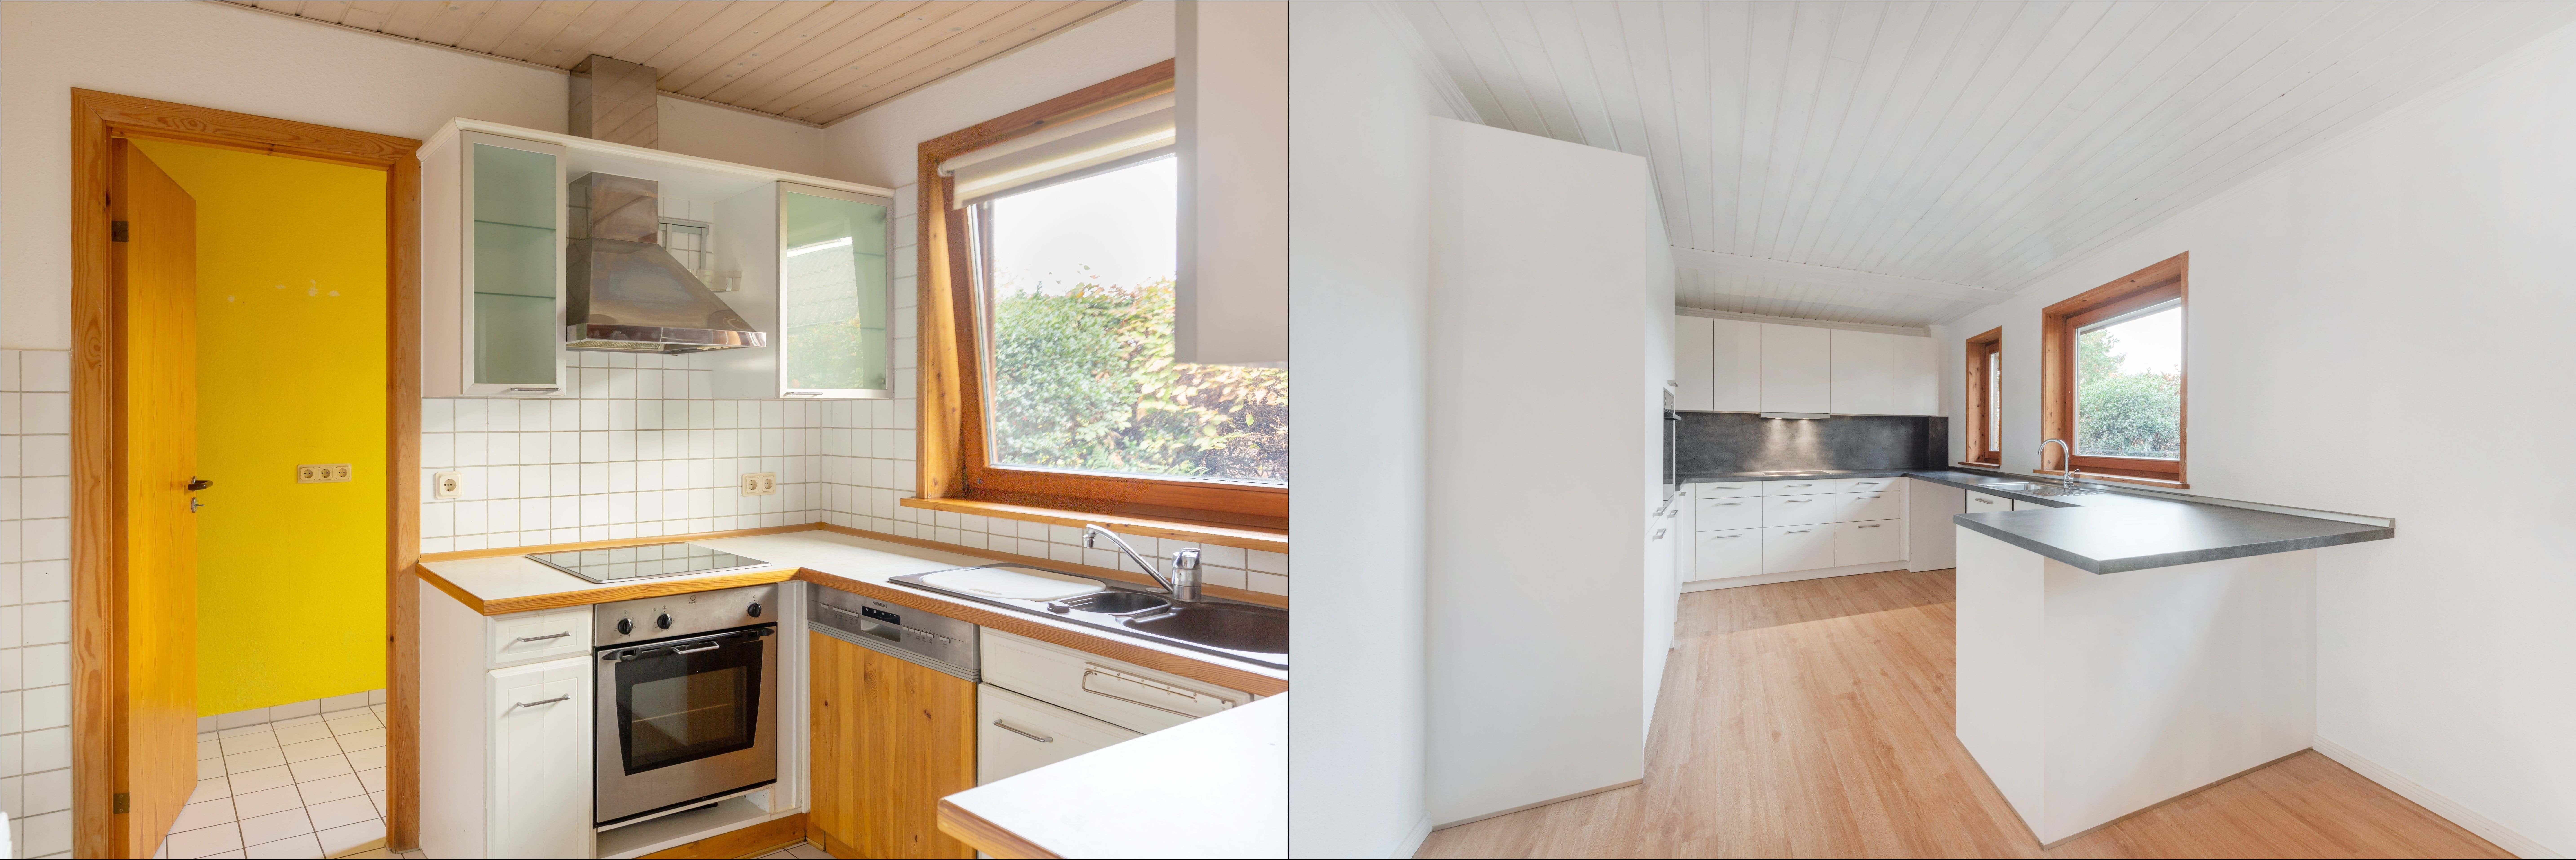 OWNR Leasingimmobilien - Renovierung: Neue Frische für Dein Haus! - Blog